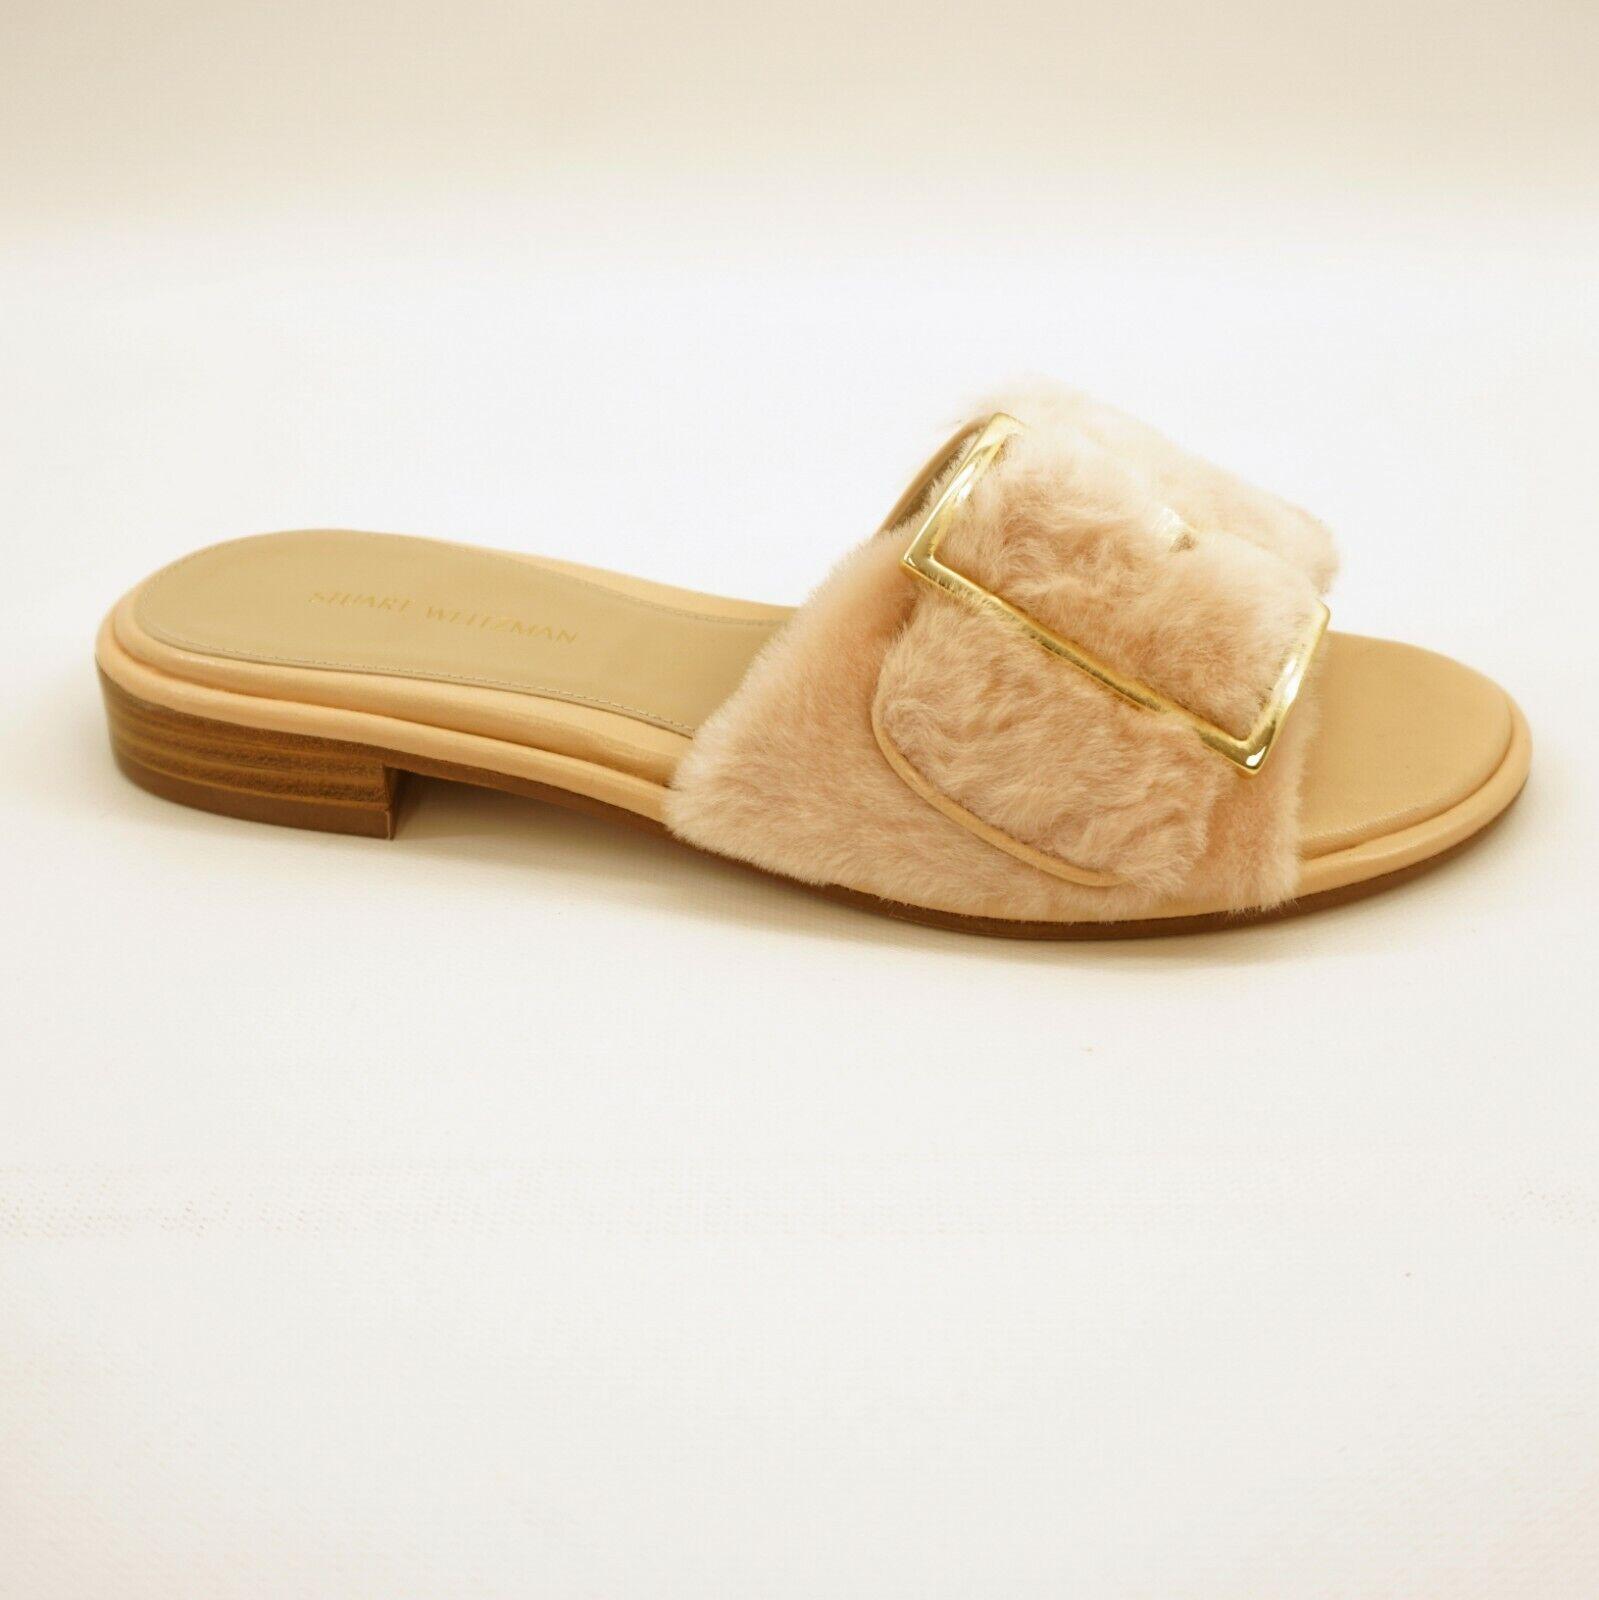 Stuart Weitzman Zapatos Zapatos Zapatos para mujer Puntera abierta fuzzywuz Diapositiva Sandalias rosado Nude 5.5  398  todos los bienes son especiales